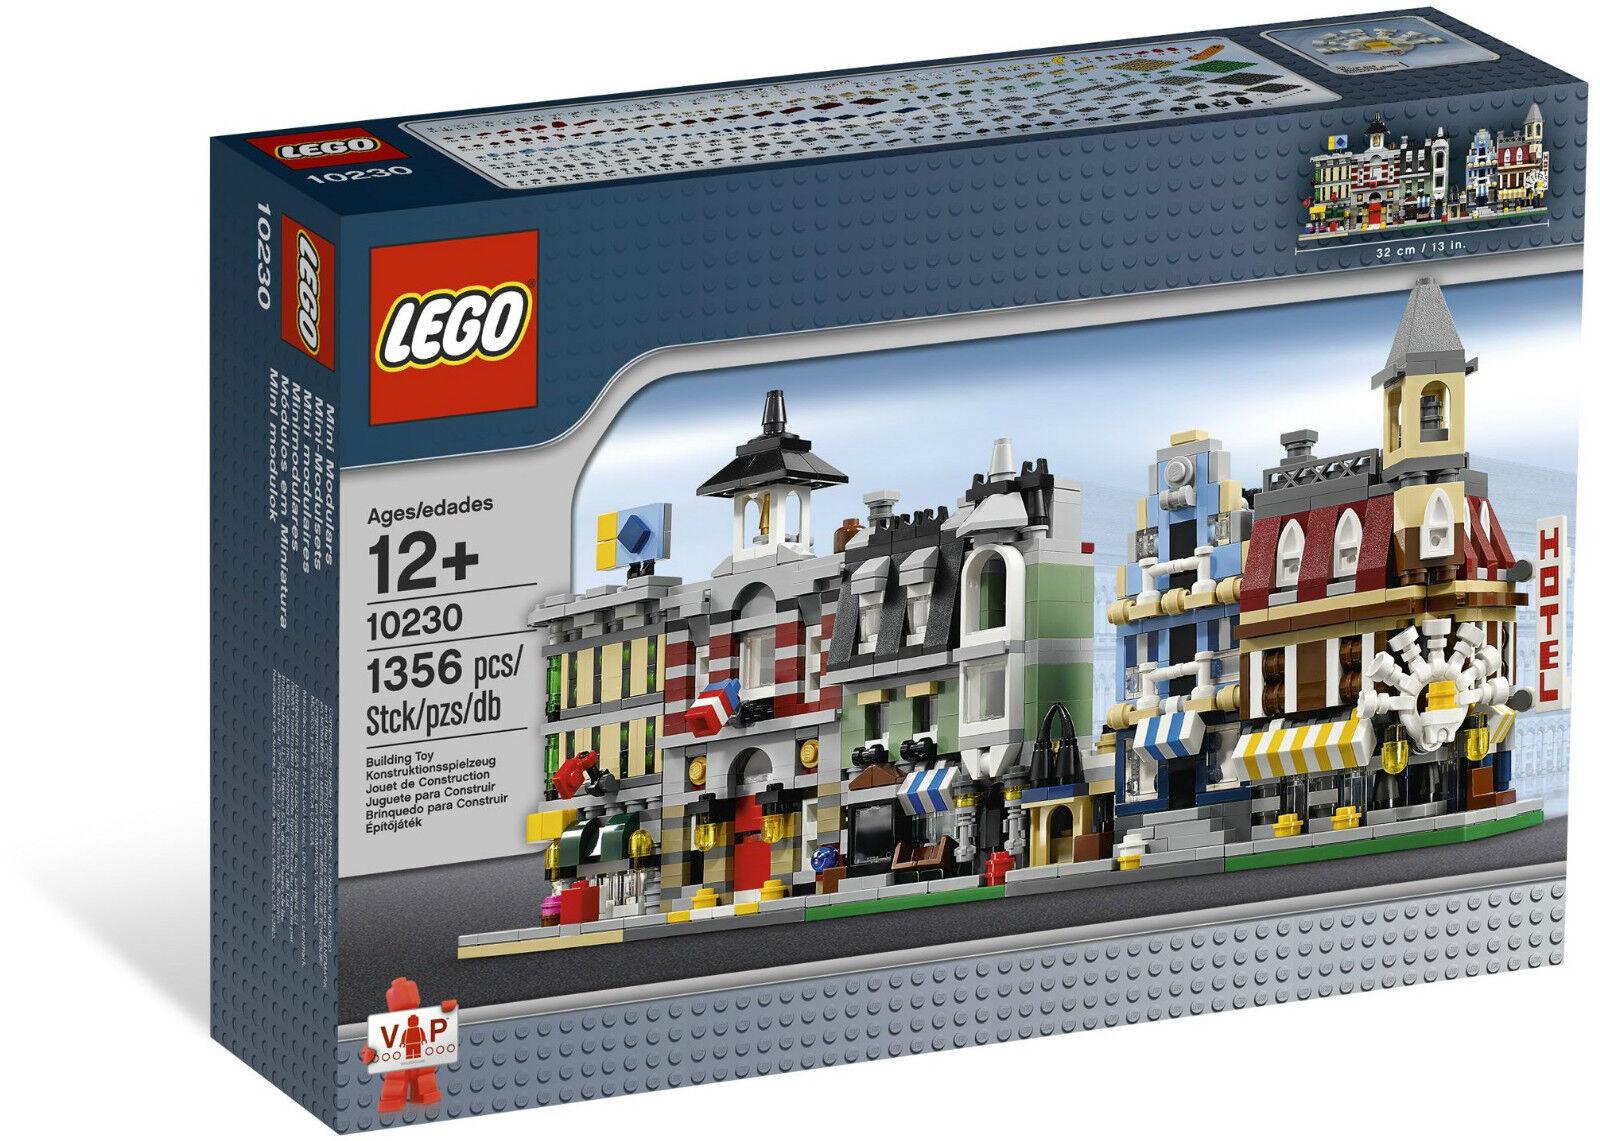 BRe nuovo Lego 10230 MINI  MODULARS  autorizzazione